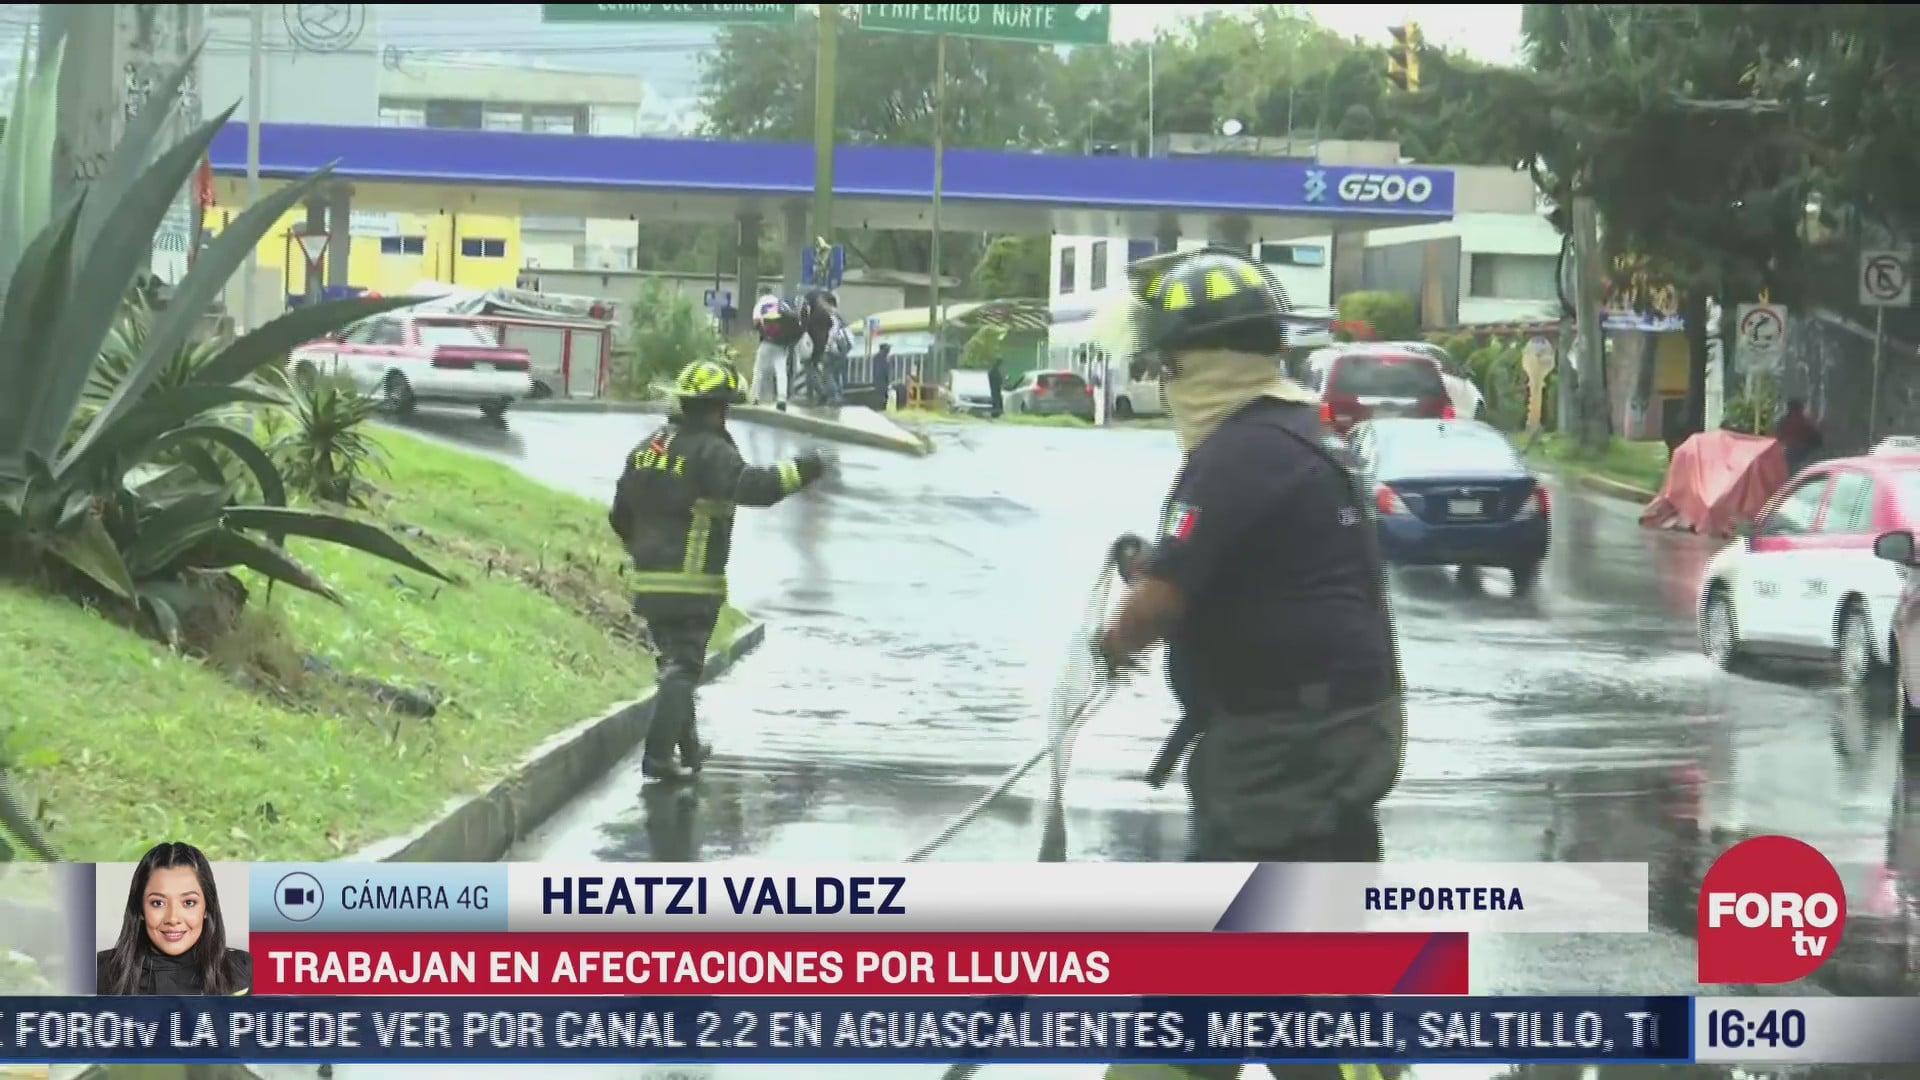 se registran afectaciones por lluvia en tlalpan